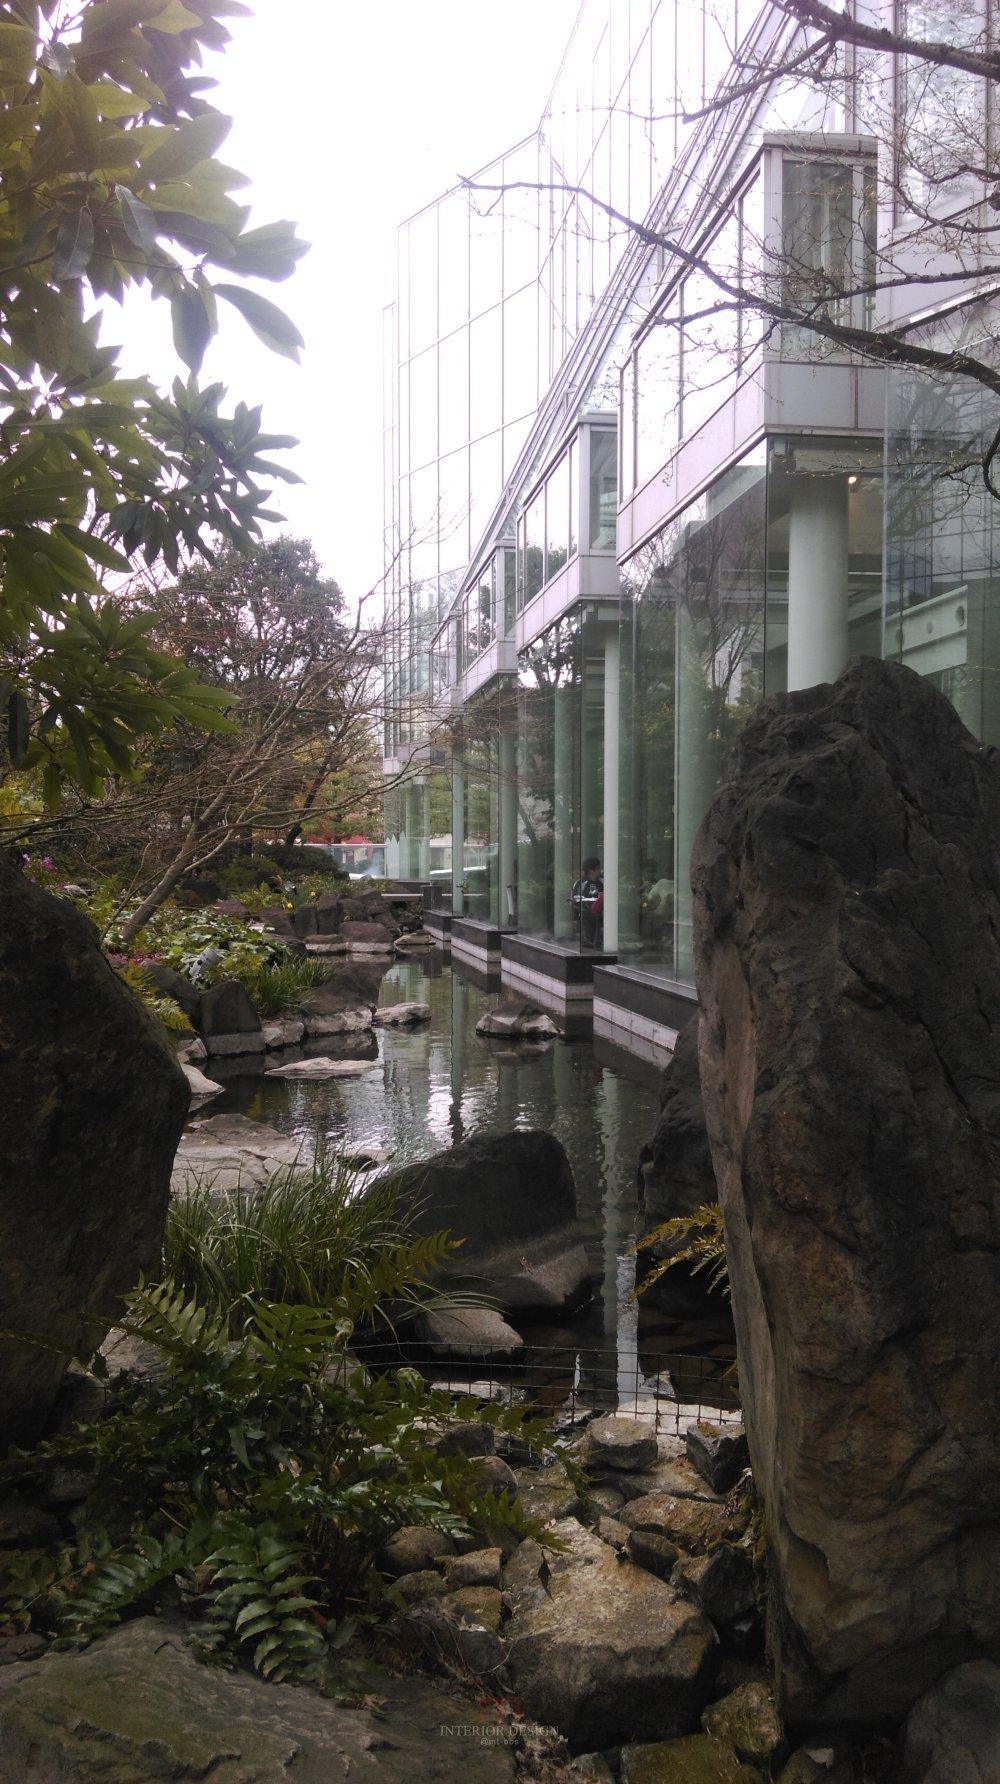 #伙伴一起看日本#  日本设计考察分享(更新美秀美术馆)_IMAG8244.jpg